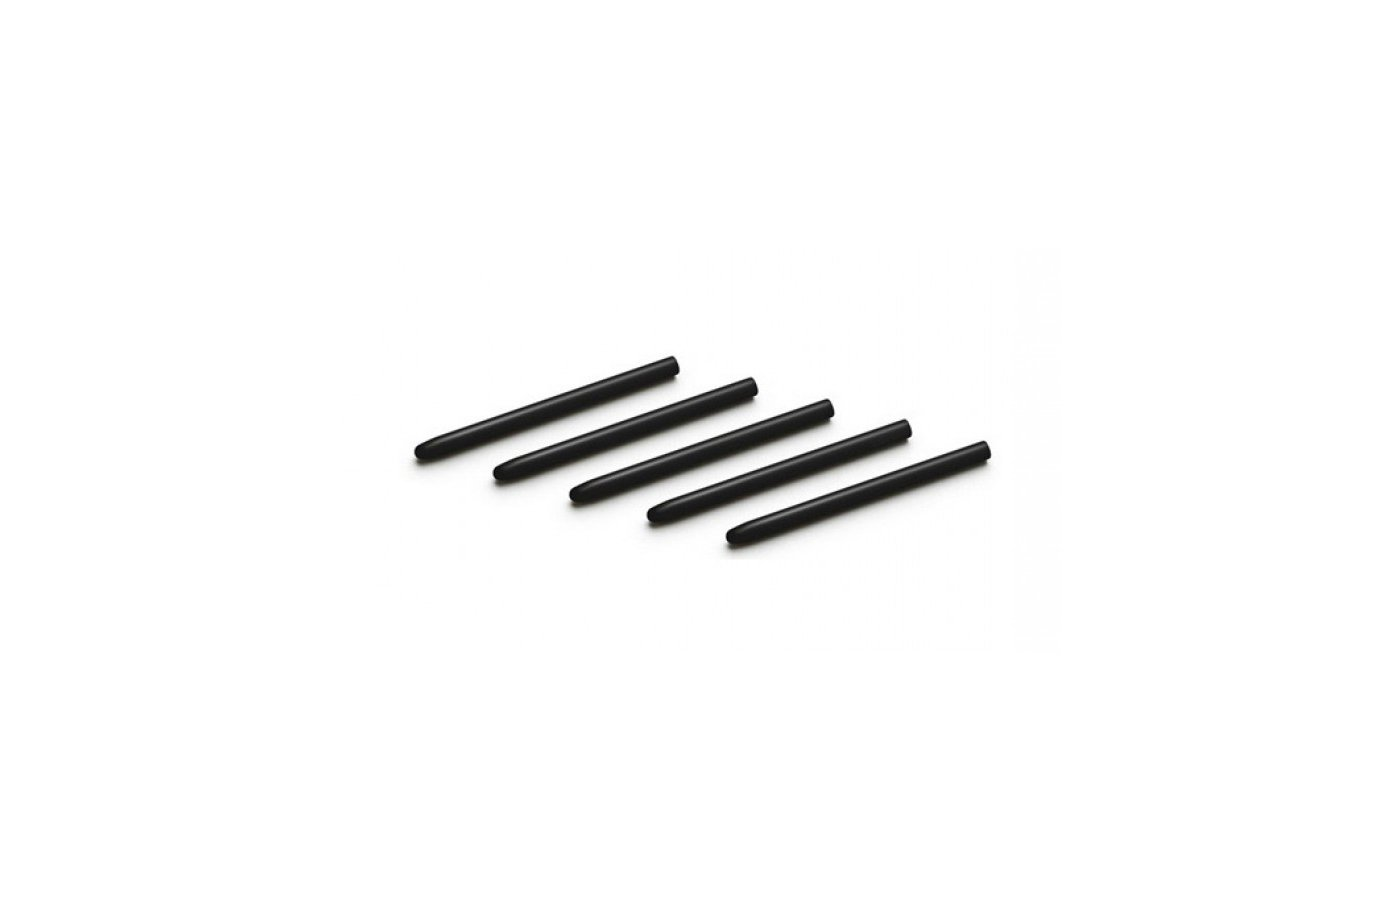 Графический планшет Сменные наконечники Intuos 4/5 Black (ACK-20001)